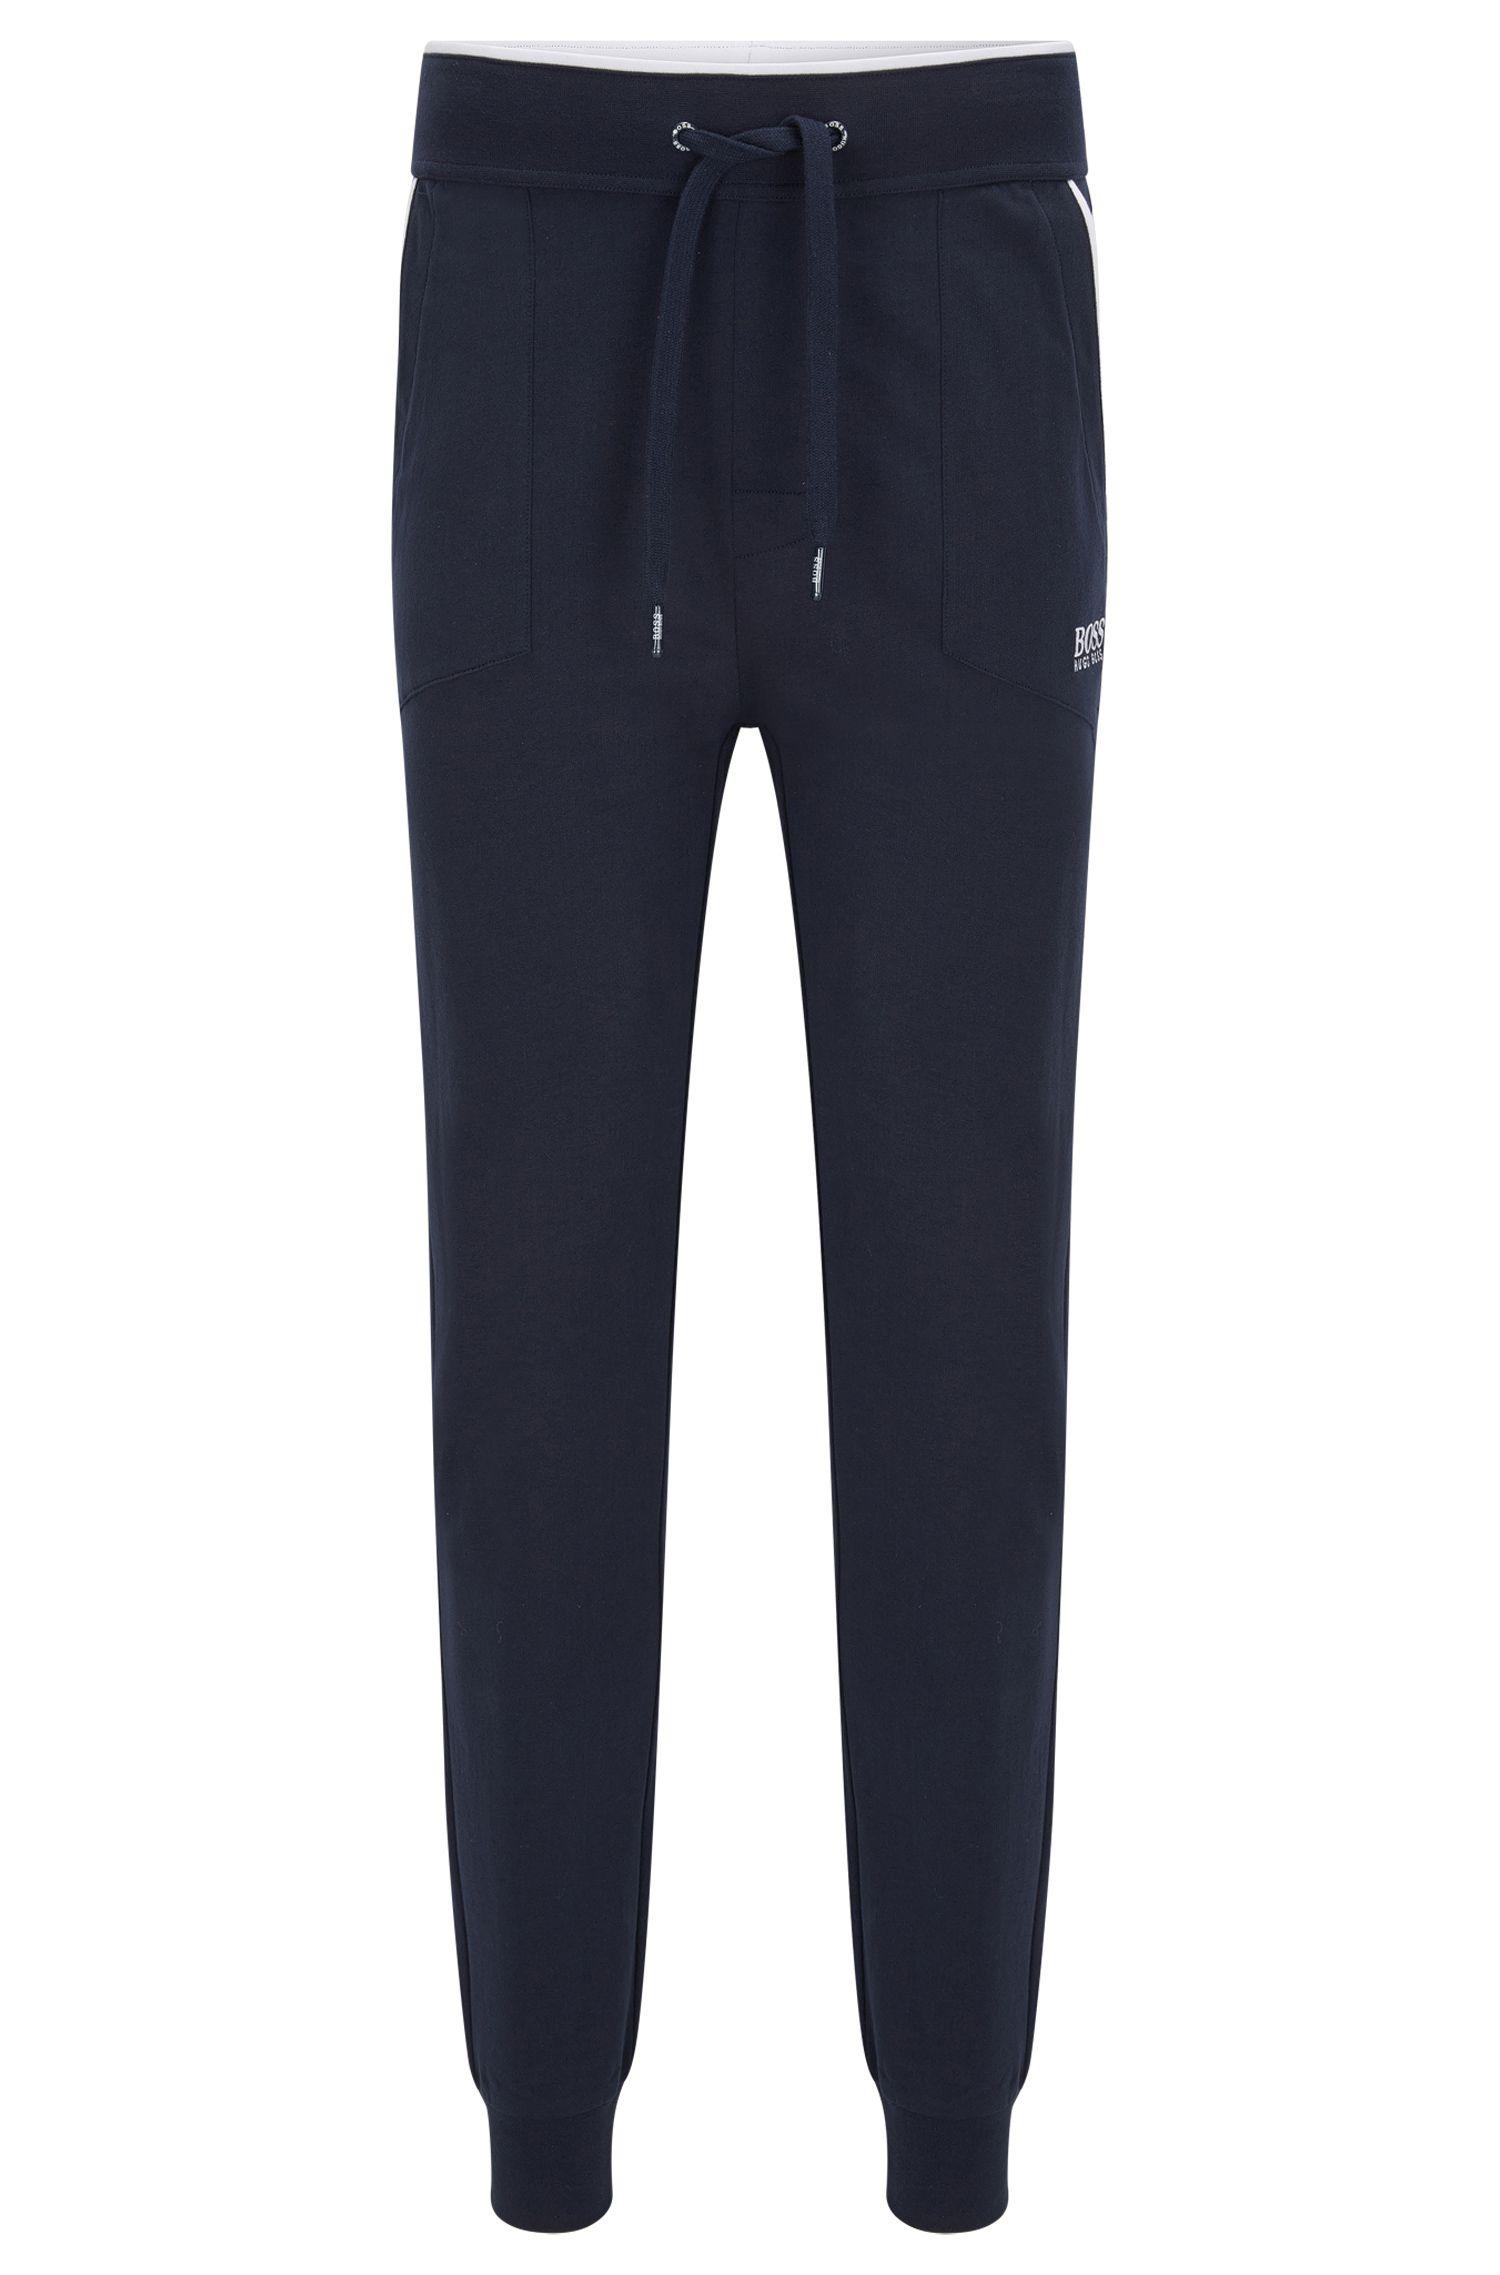 Loungewear-Hose aus Baumwolle mit aufgesetzten Taschen und kontrastfarbenen Paspeln